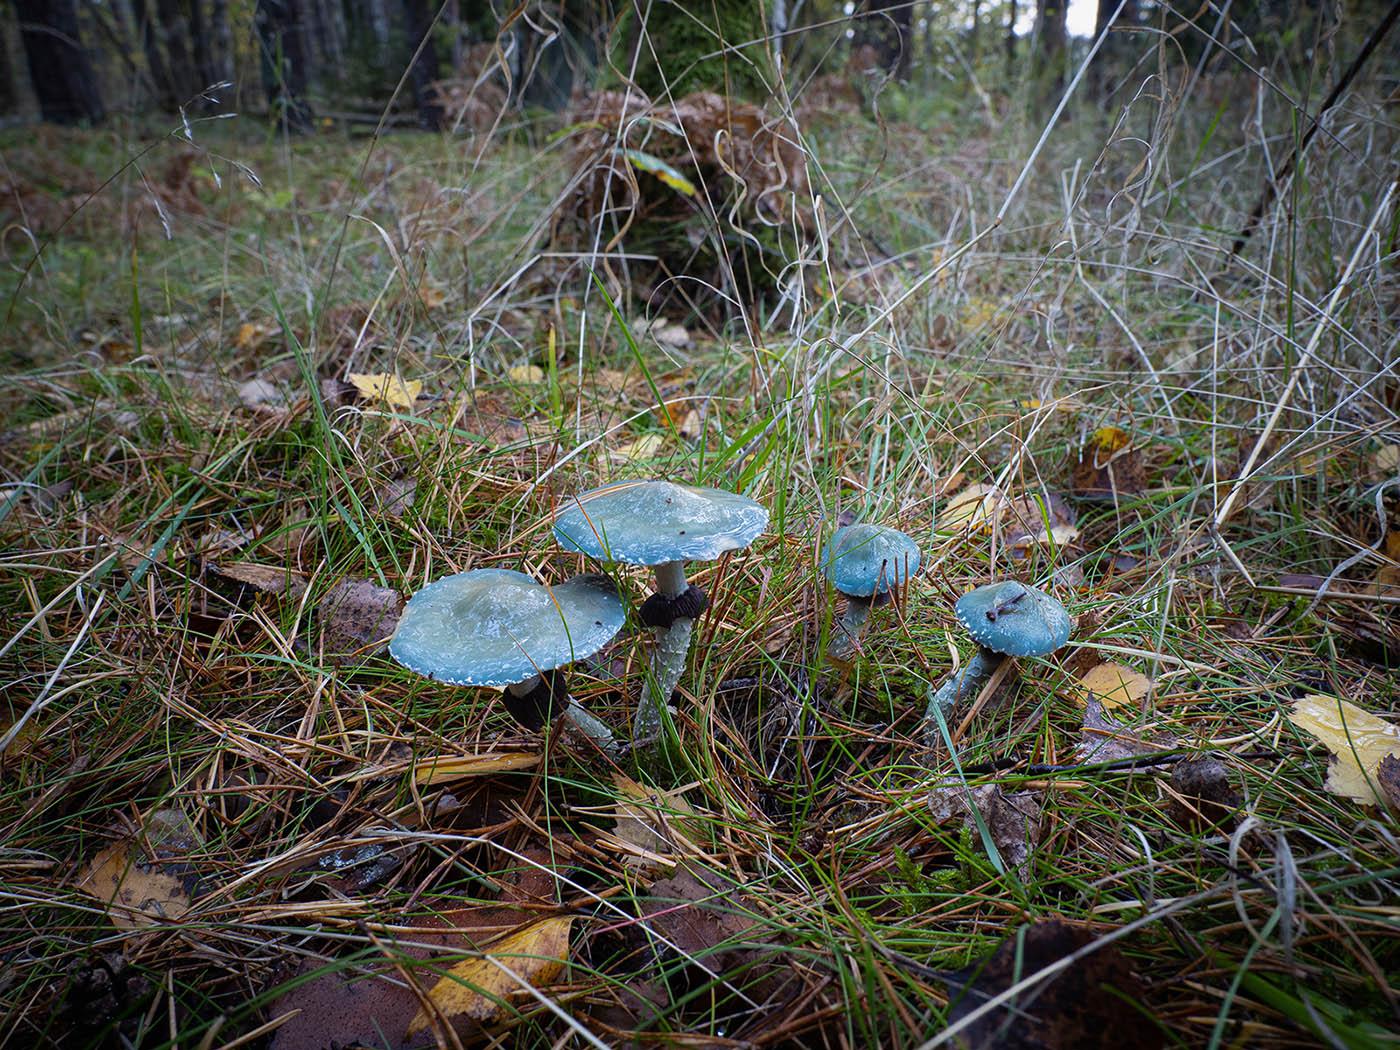 Строфария сине-зелёная (Stropharia aeruginosa). Автор фото: Сутормина Марина